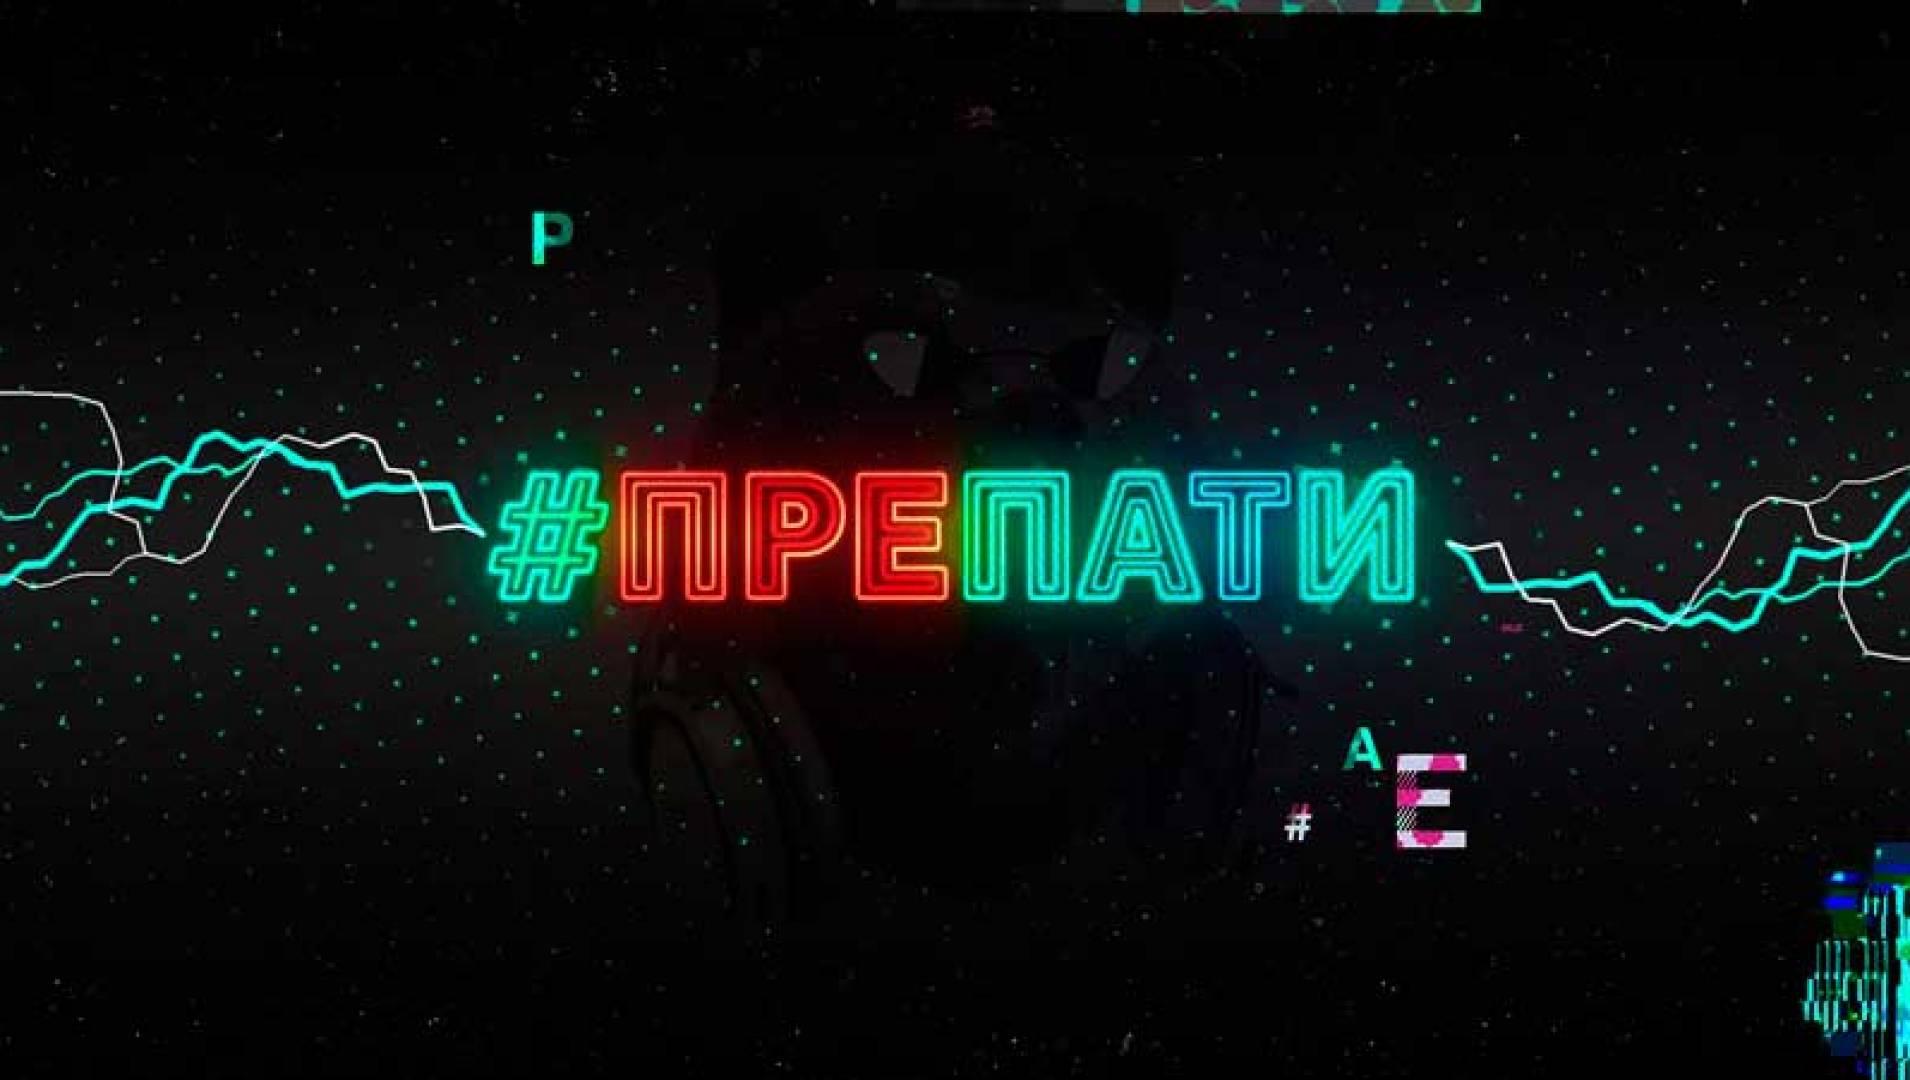 #ПРЕПАТИ - Музыкальная, Программа